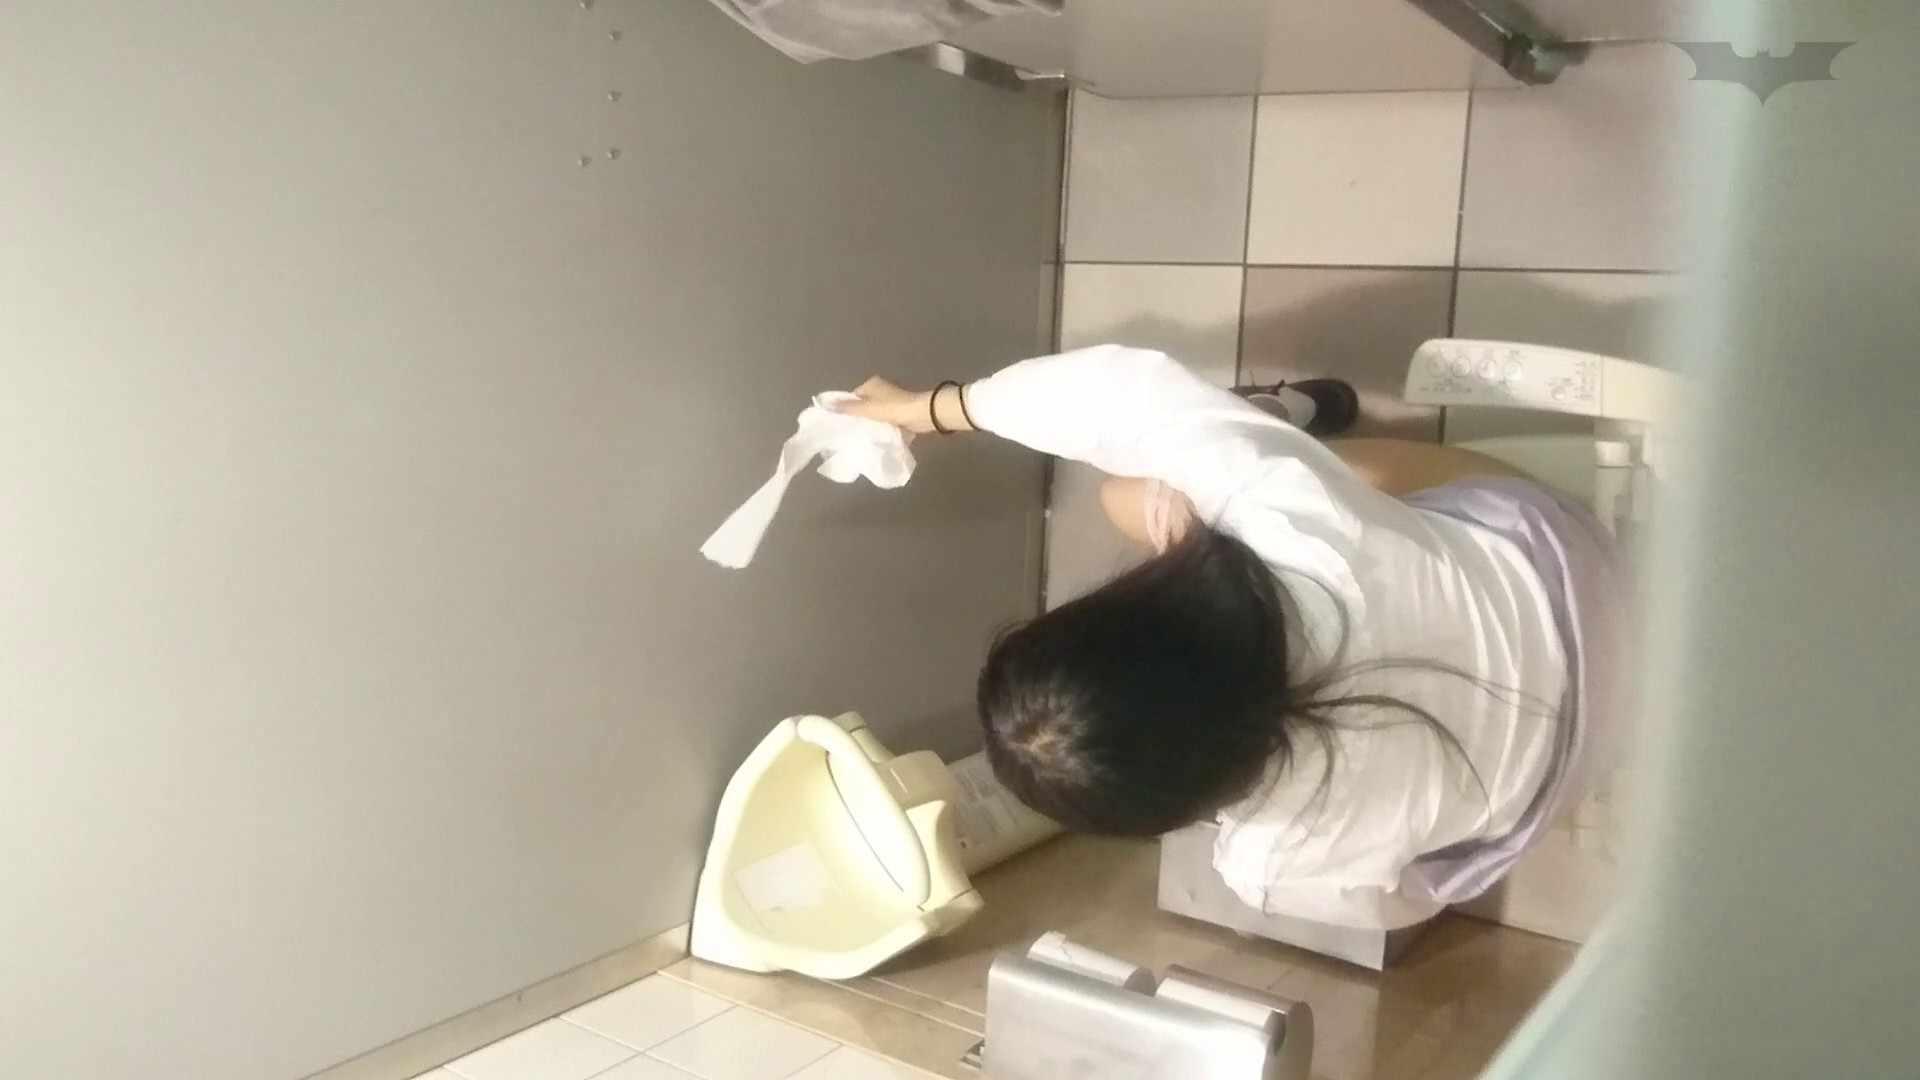 化粧室絵巻 ショッピングモール編 VOL.25 高評価  56PIX 22